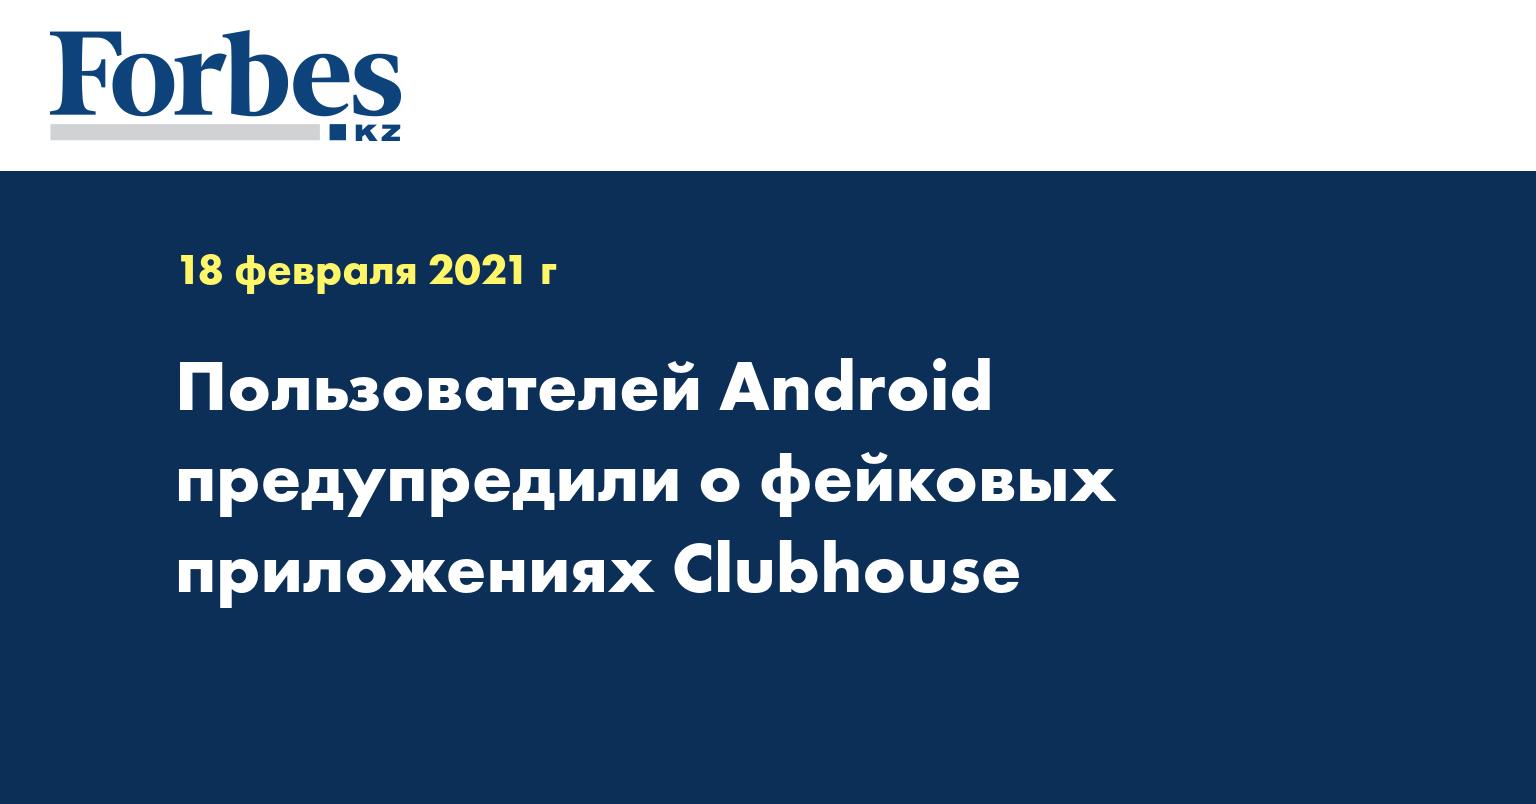 Пользователей Android предупредили о фейковых приложениях Clubhouse